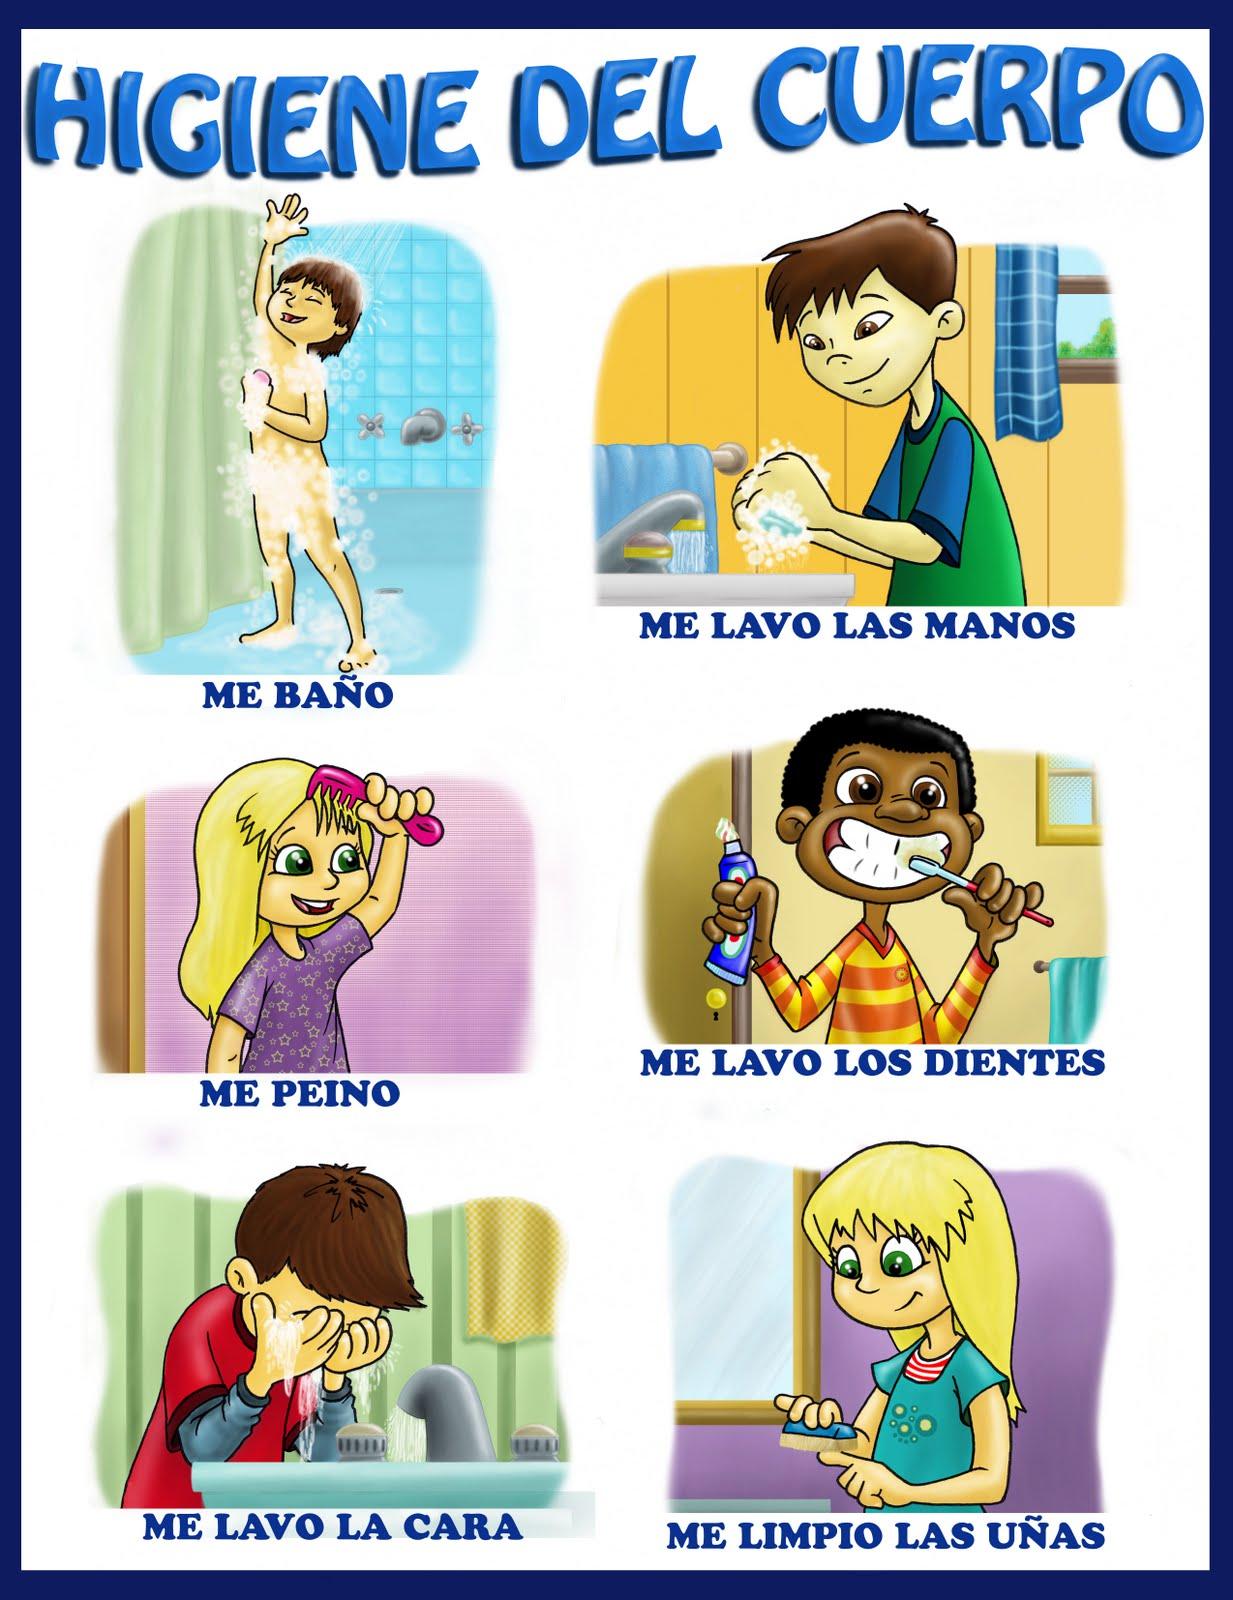 Agregen a whatsapp solo mujeres mas 1 9562944396 - 1 3